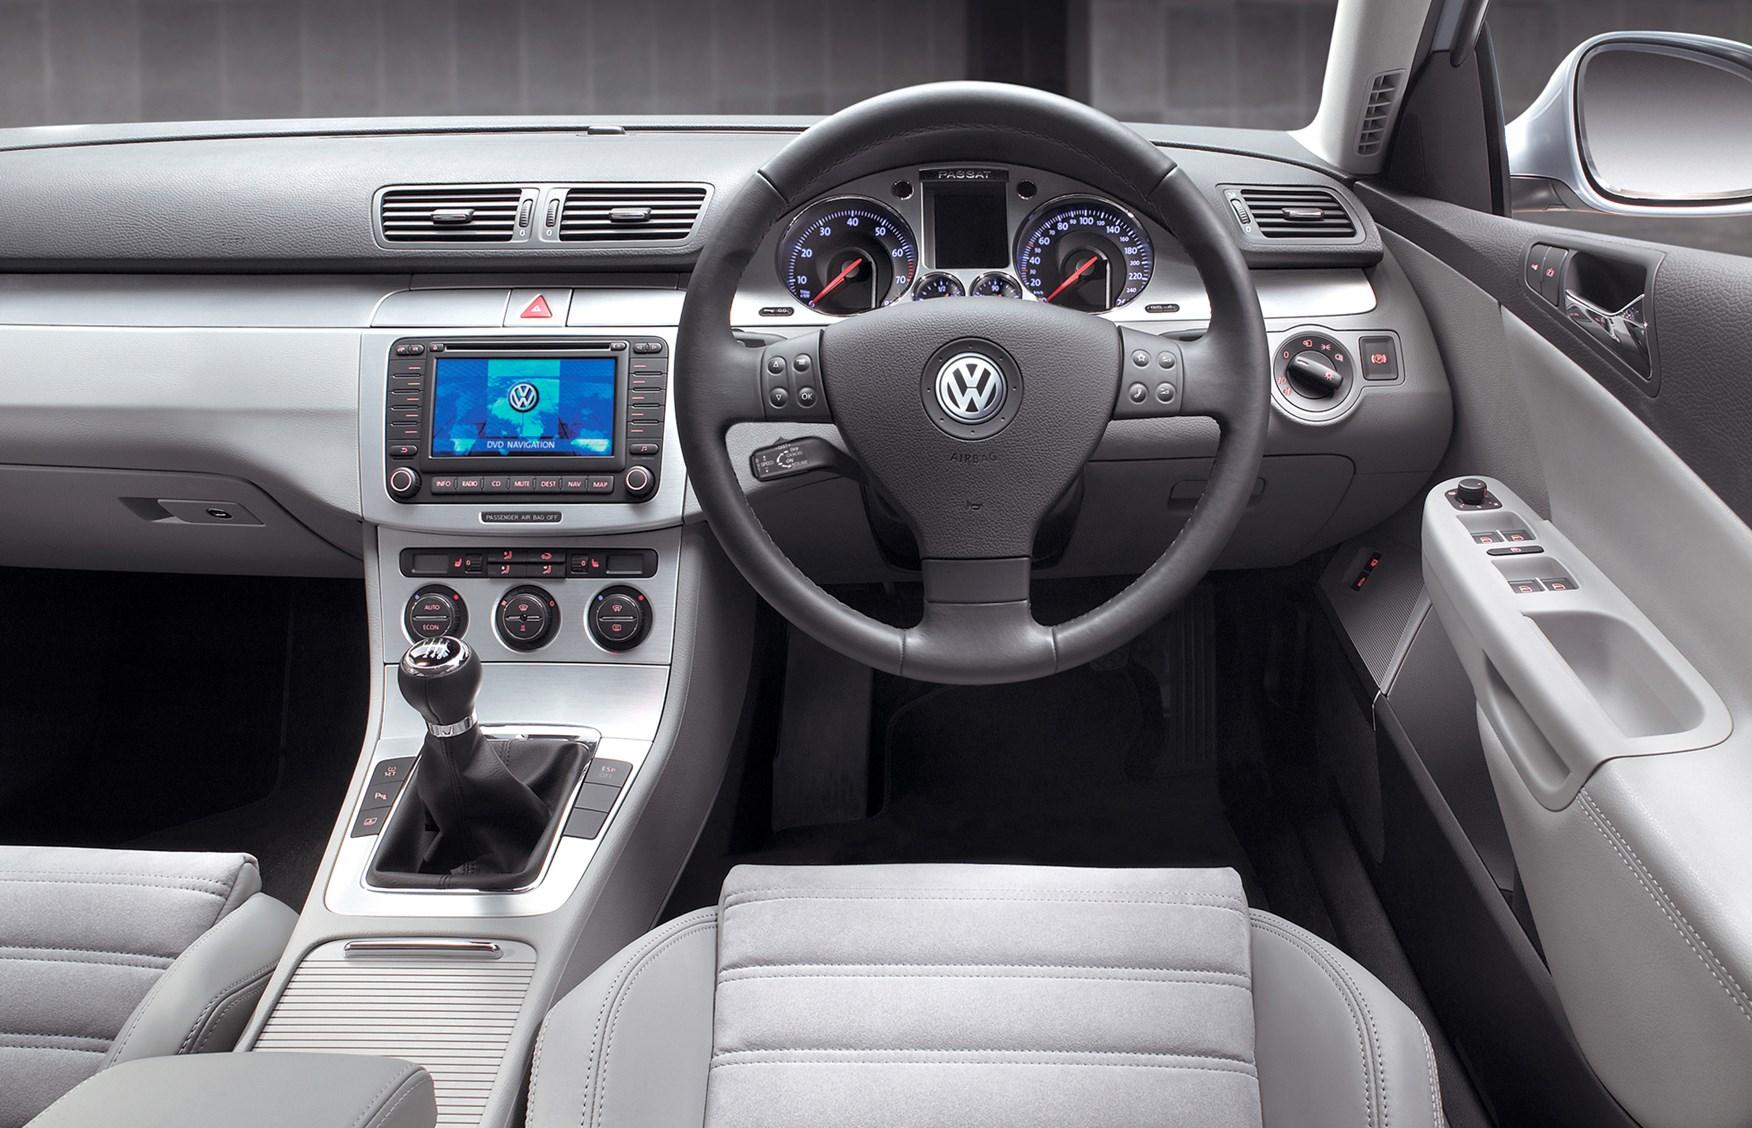 Volkswagen Passat Saloon Review 2005 2010 Parkers